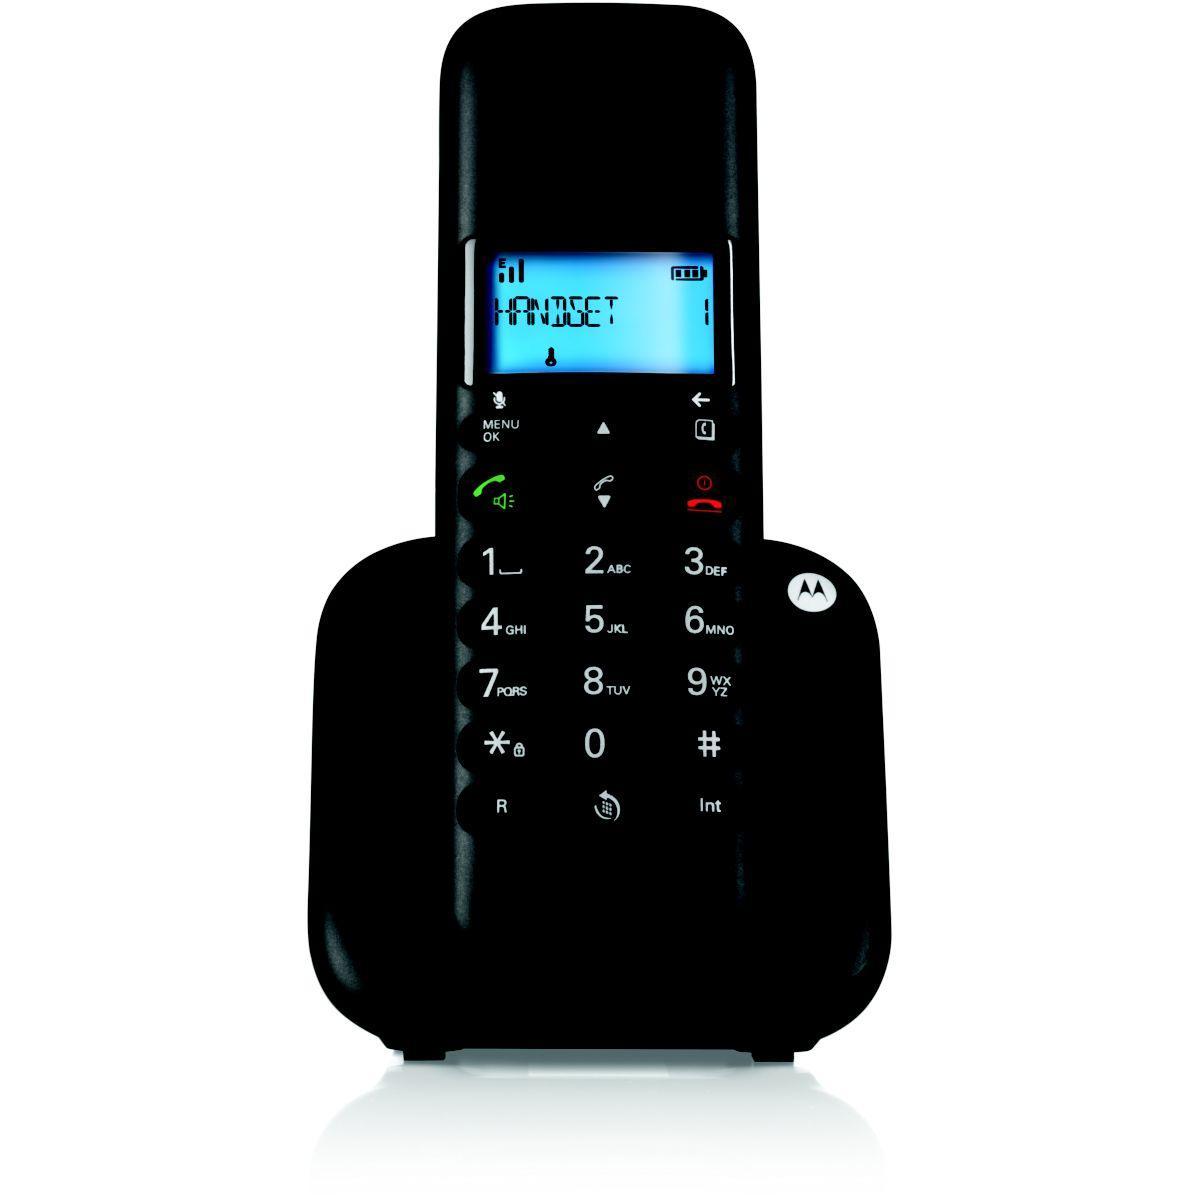 Téléphone motorola motorola t301 noir - 15% de remise immédiate avec le code : multi15 (photo)